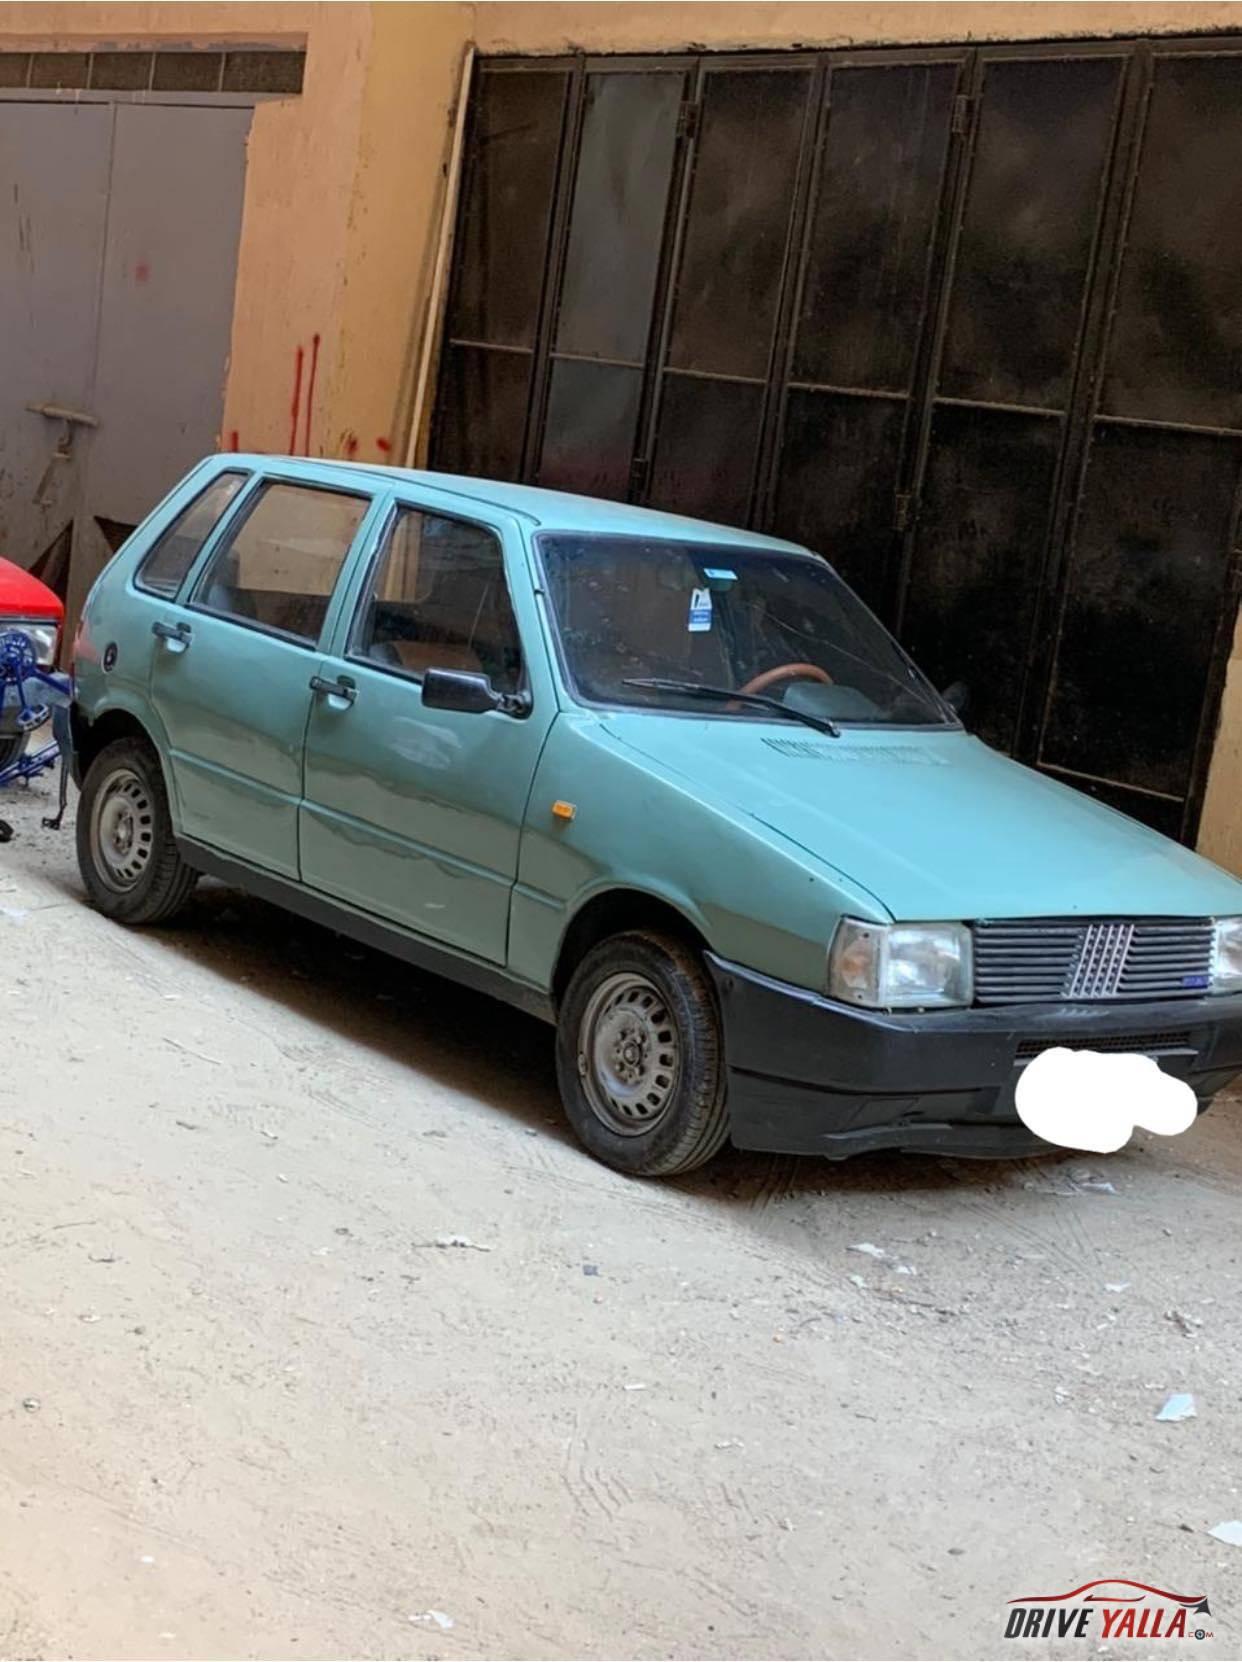 فيات اونو مستعملة للبيع فى مصر 1984